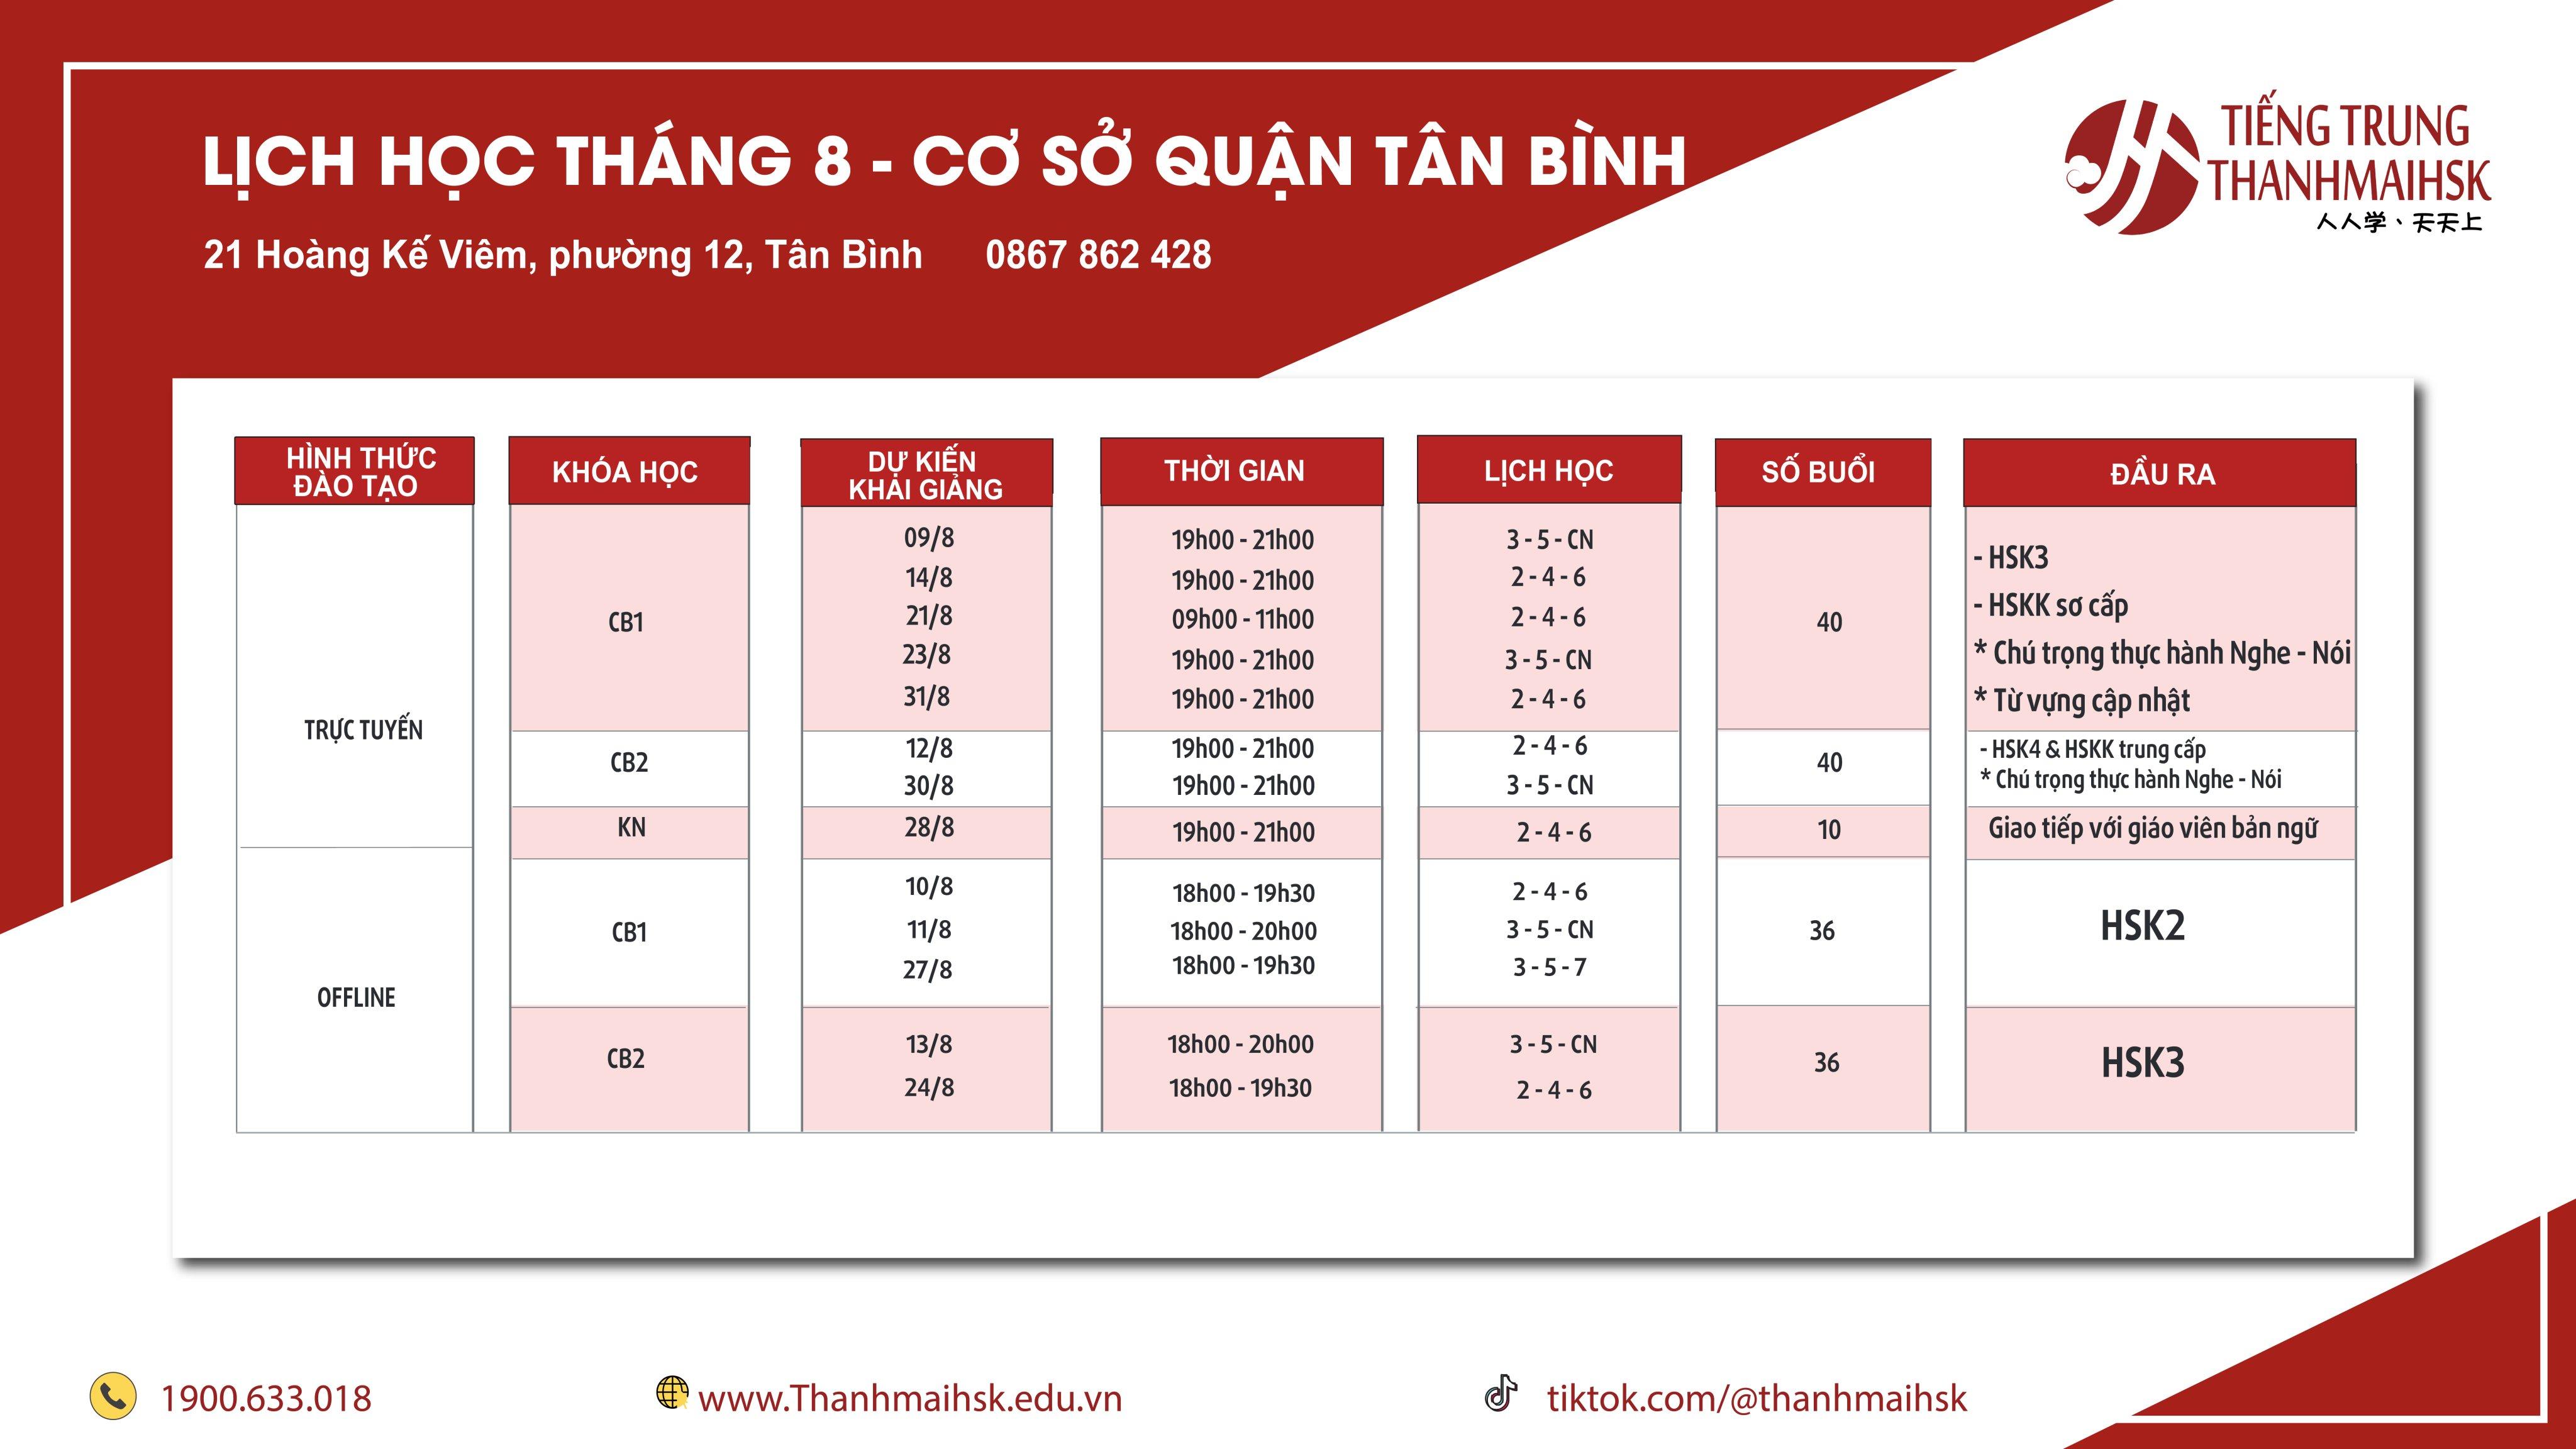 Lịch khai giảng Tiếng Trung tháng 8/2020 cơ sở Tân Bình|Thanhmaihsk